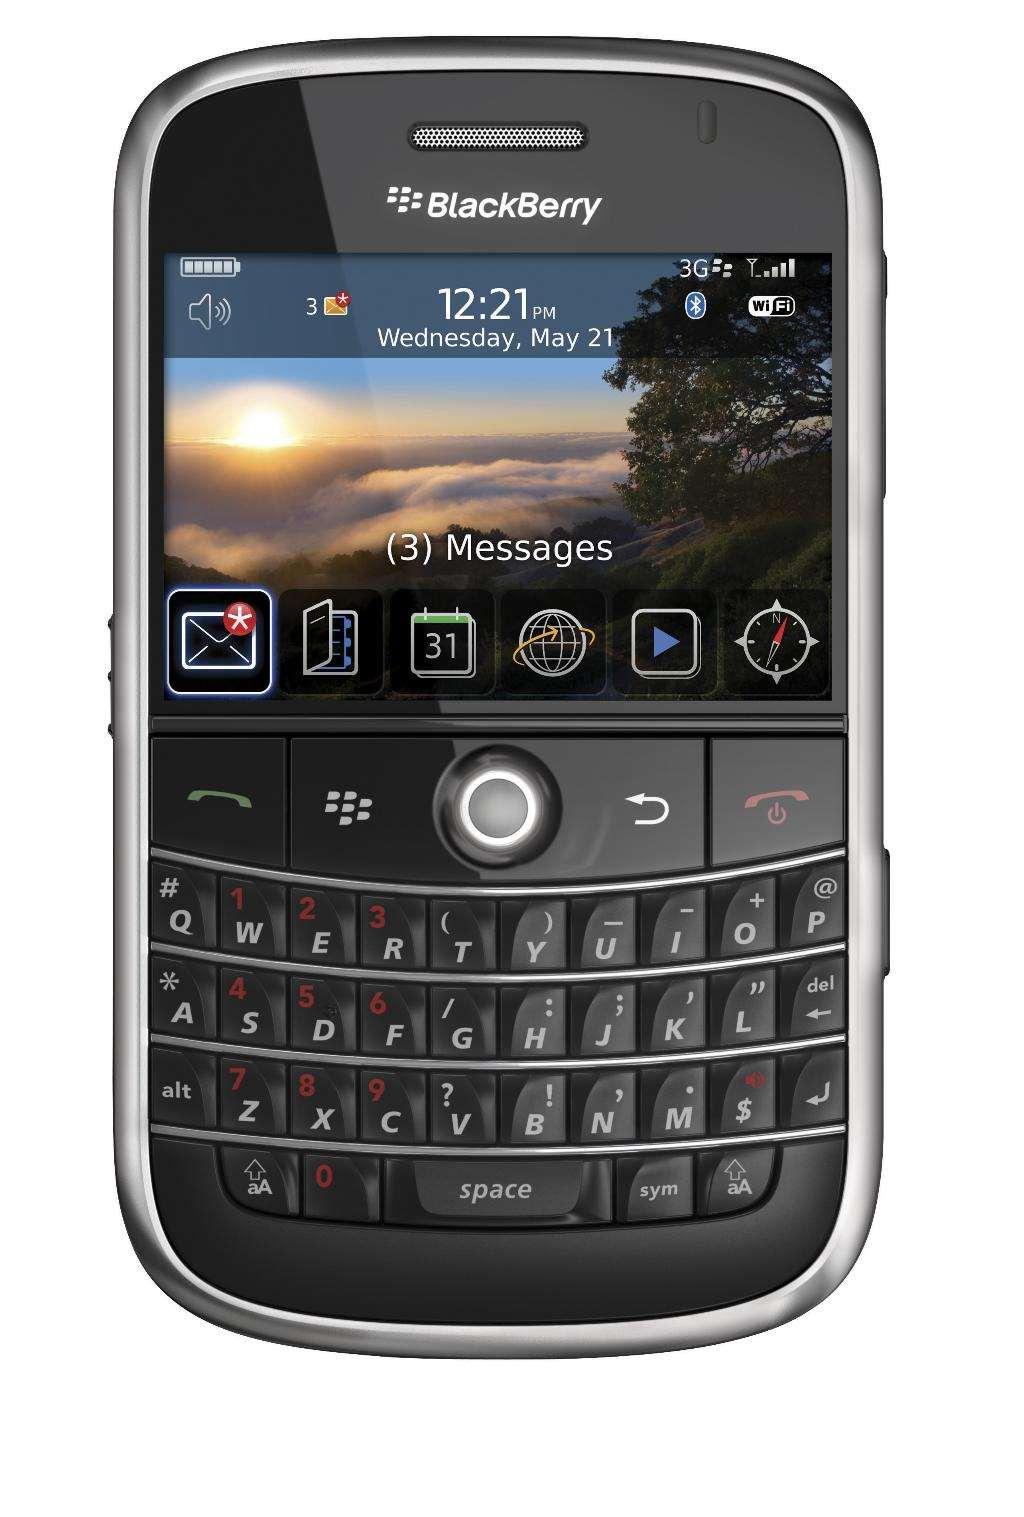 Adobe Pdf Reader For Blackberry Curve 9300